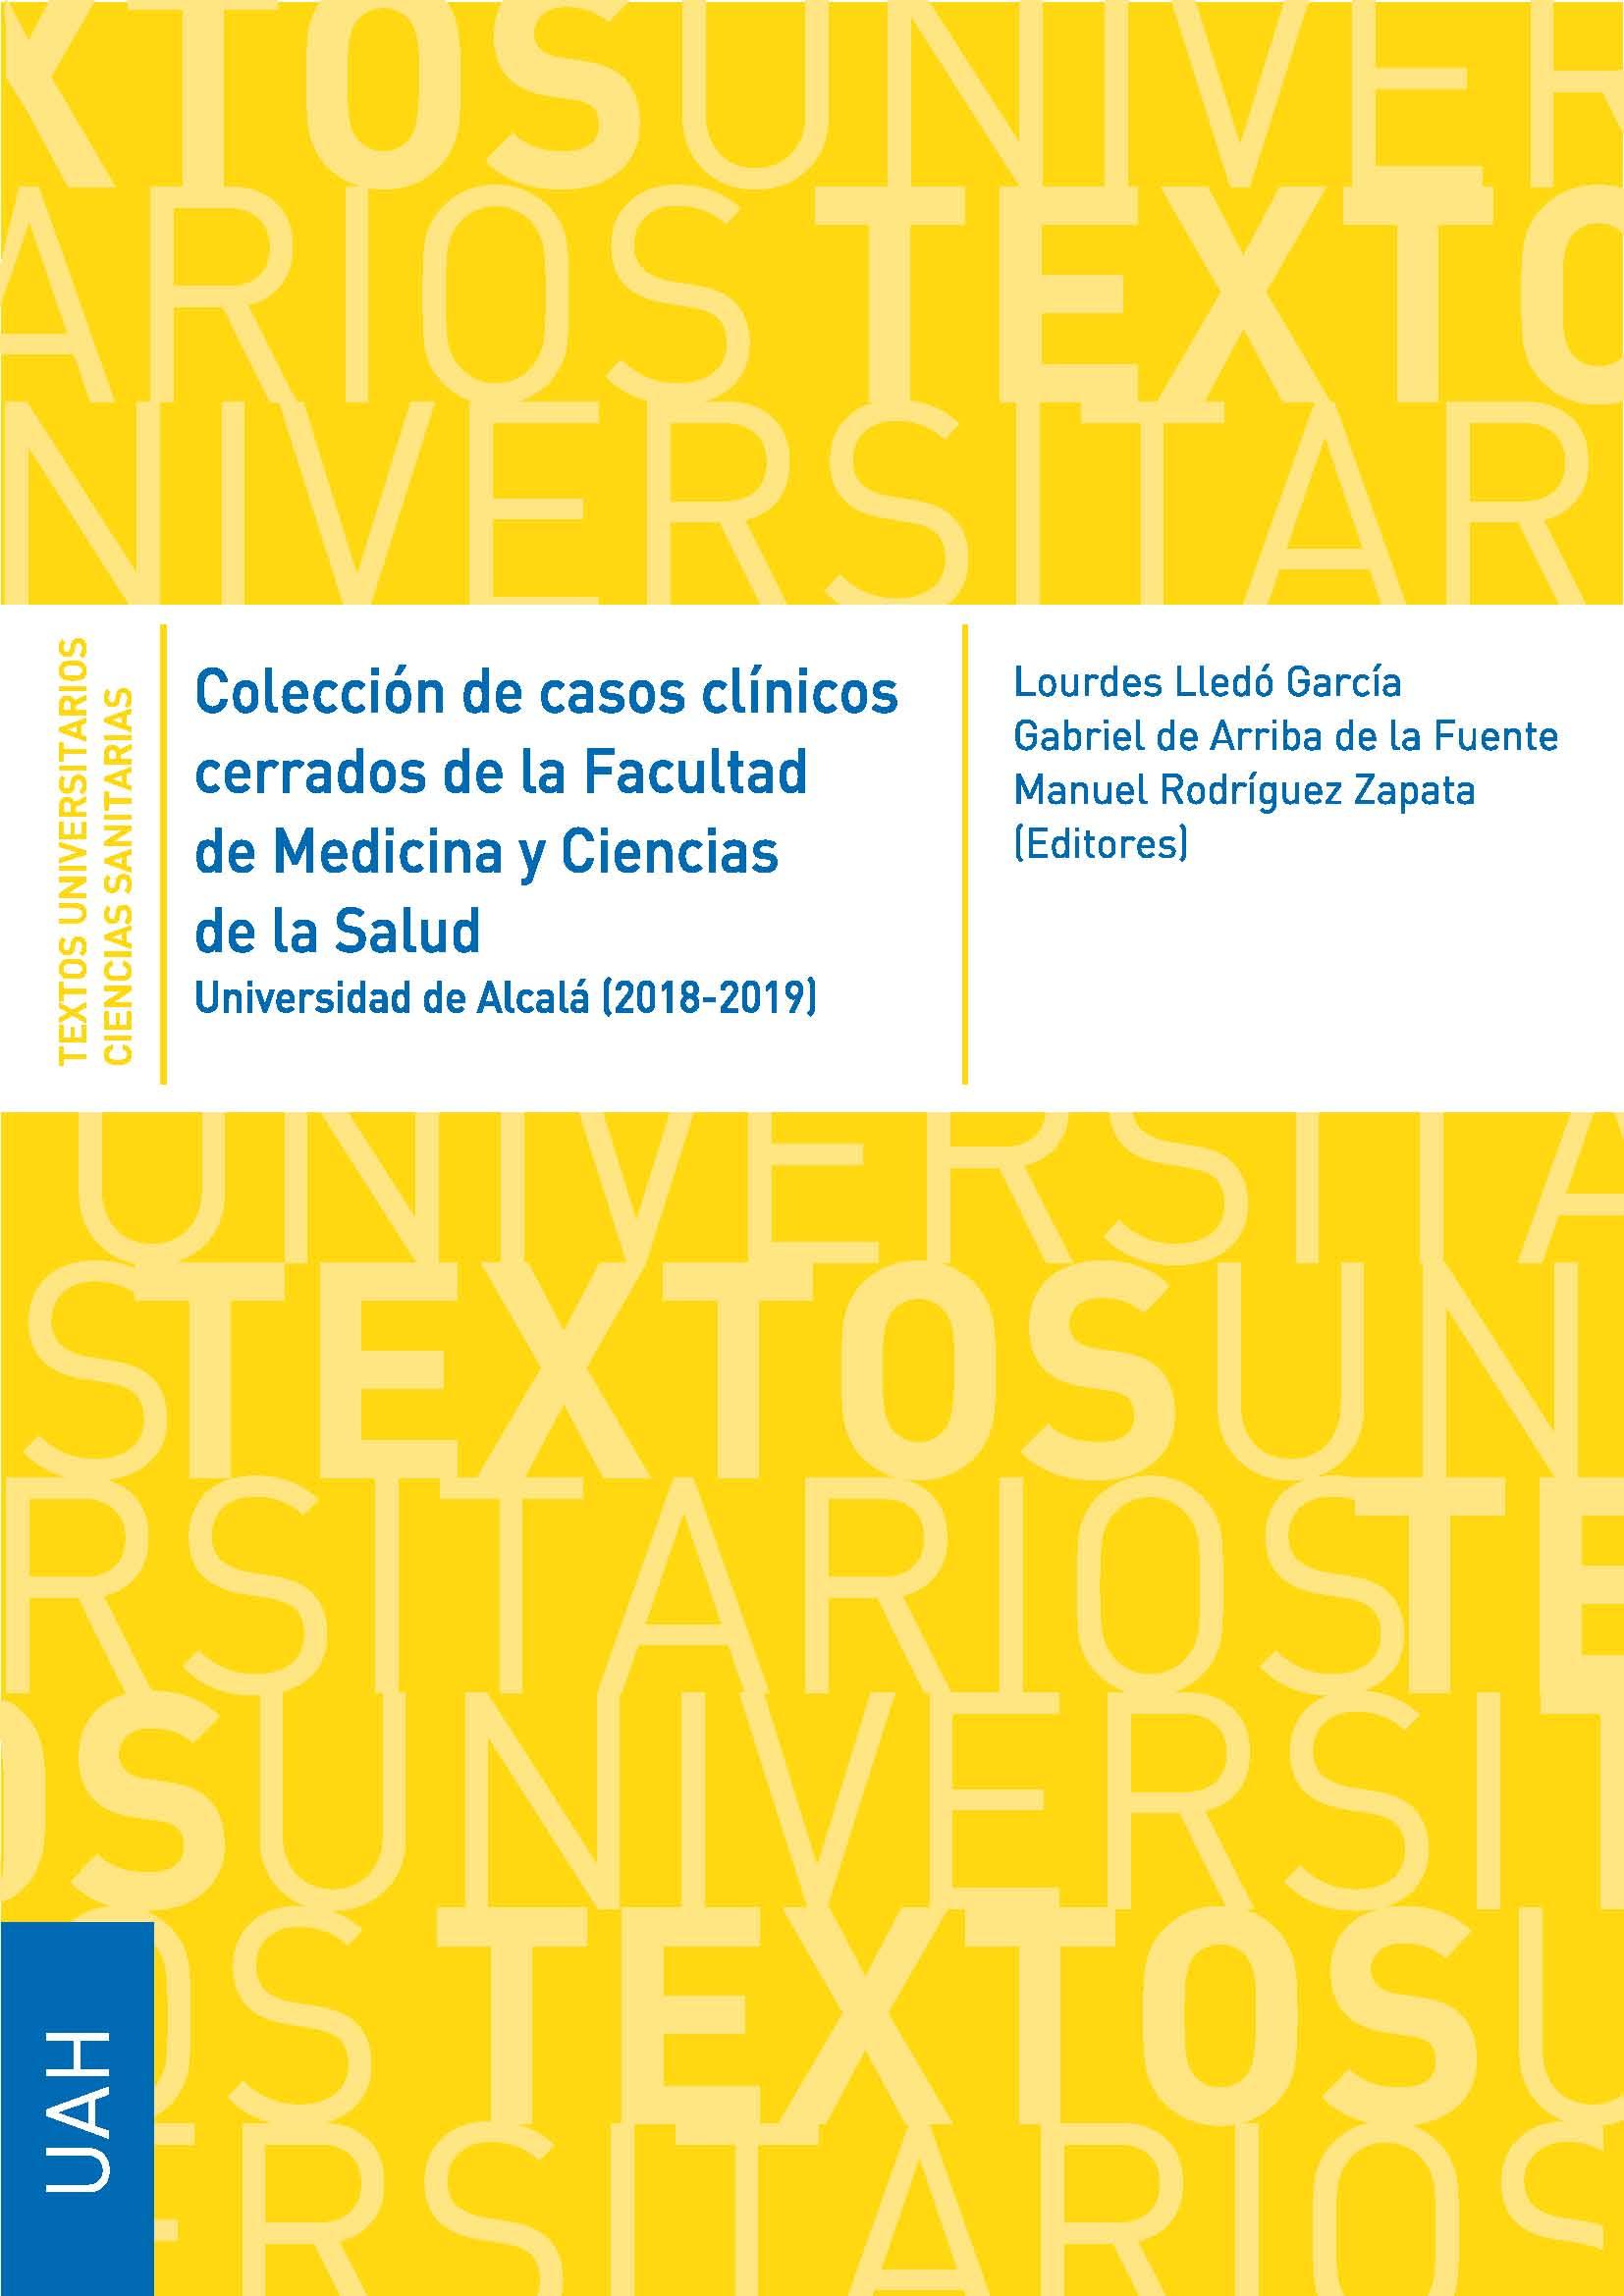 Colección de casos clínicos cerrados de la Facultad de Medicina y Ciencias de la Salud